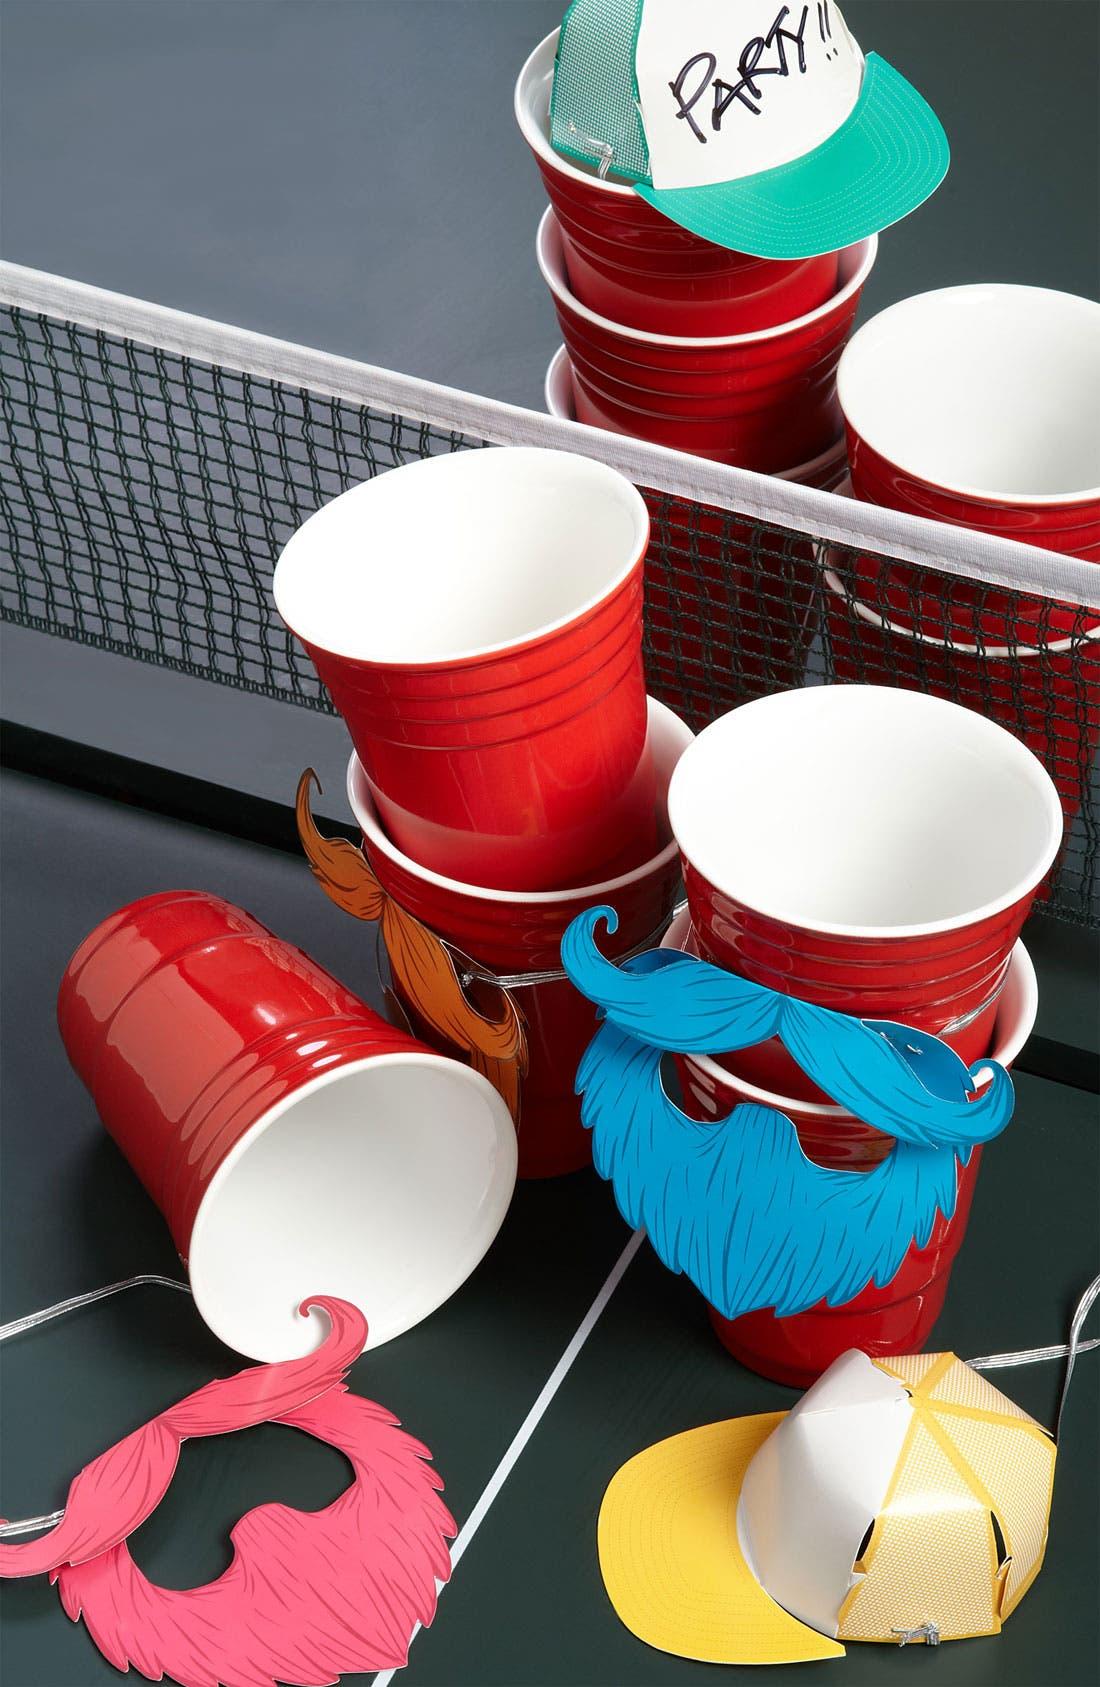 Alternate Image 2  - Kikkerland Design Red Porcelain Party Cup